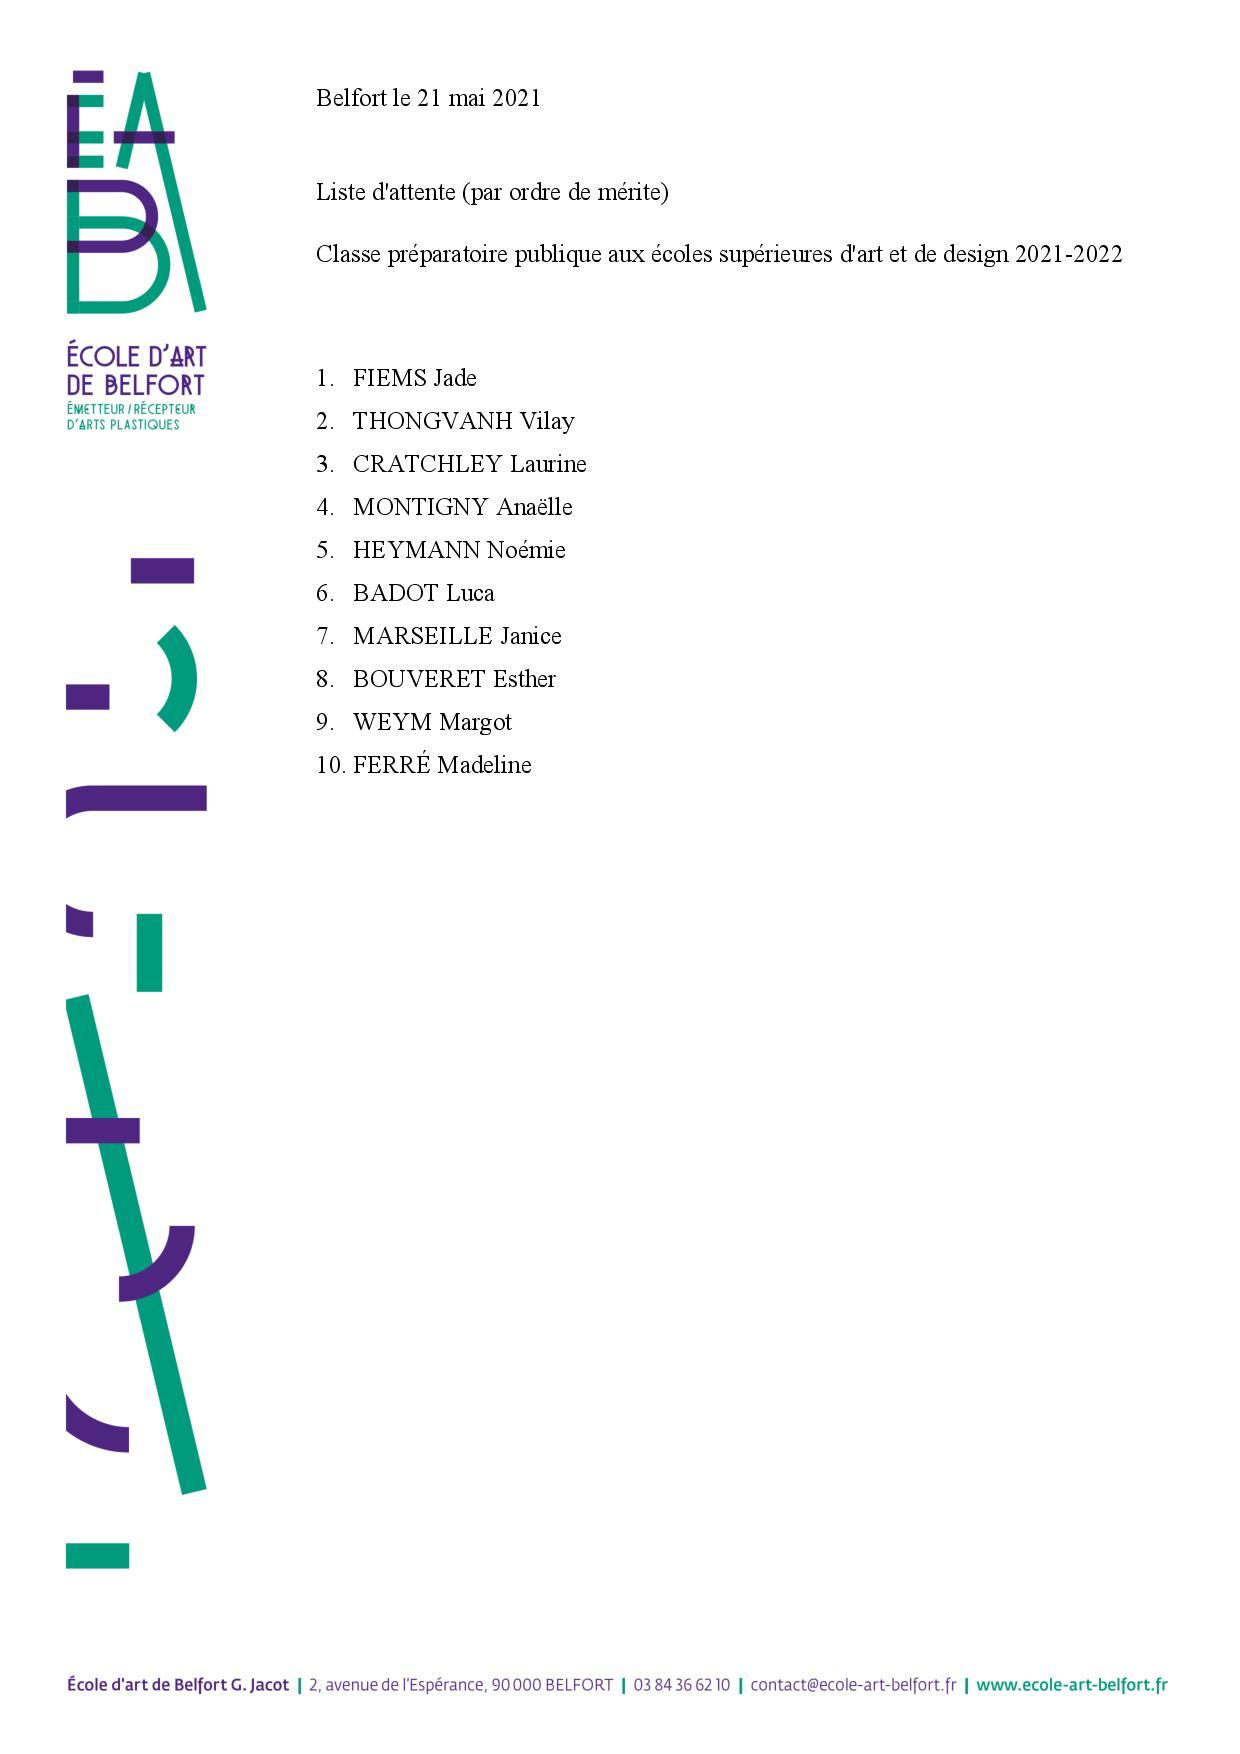 Liste_d attente_2021_2022-page-001